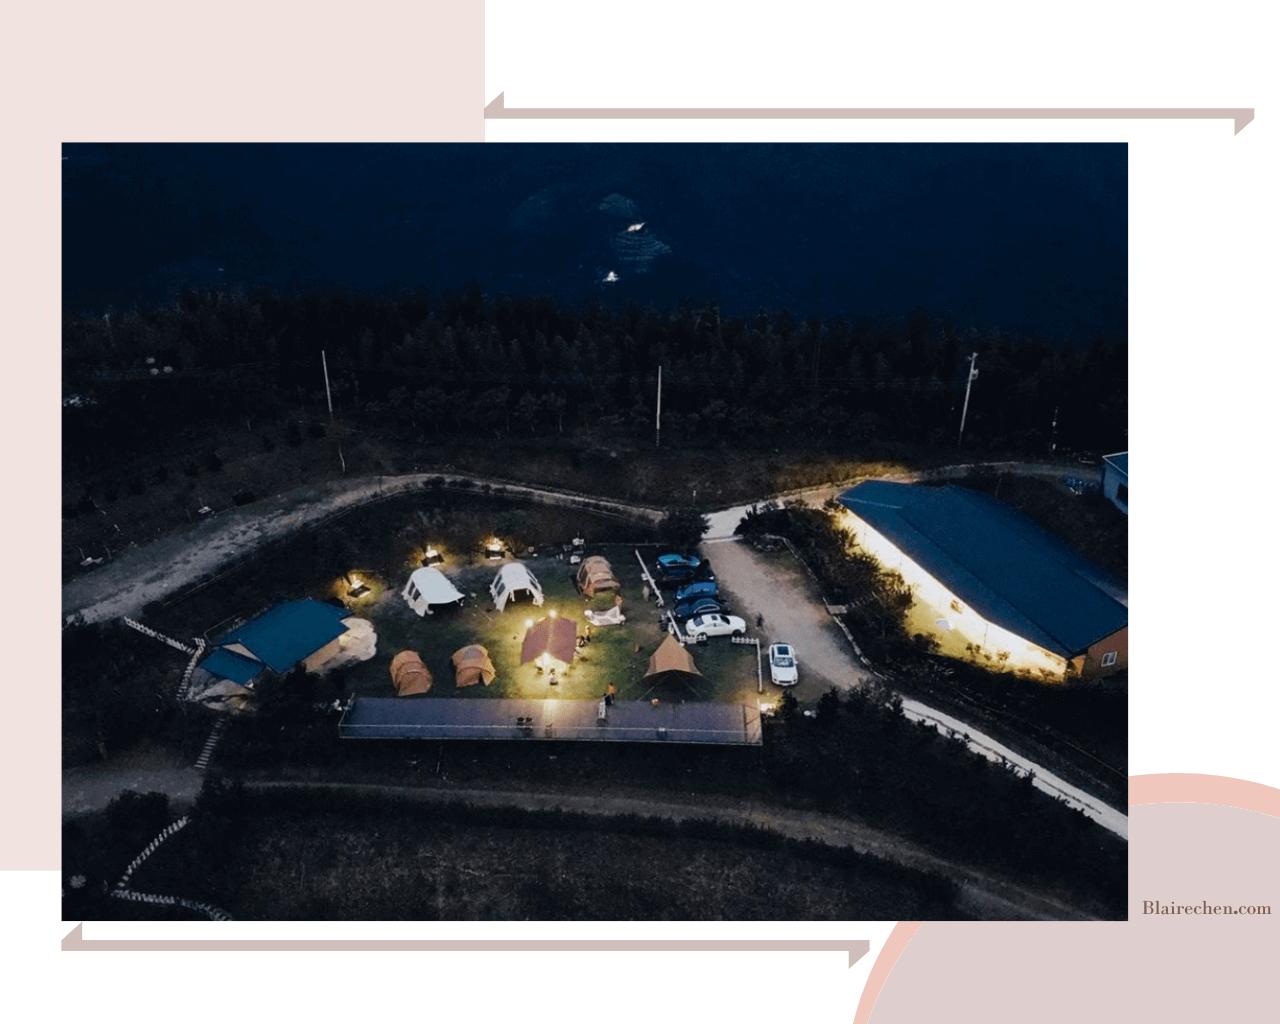 【台灣露營區推薦】|新竹梅山頂景觀露營區,一次擁有雲海及百萬夜景!露營最棒的選擇!